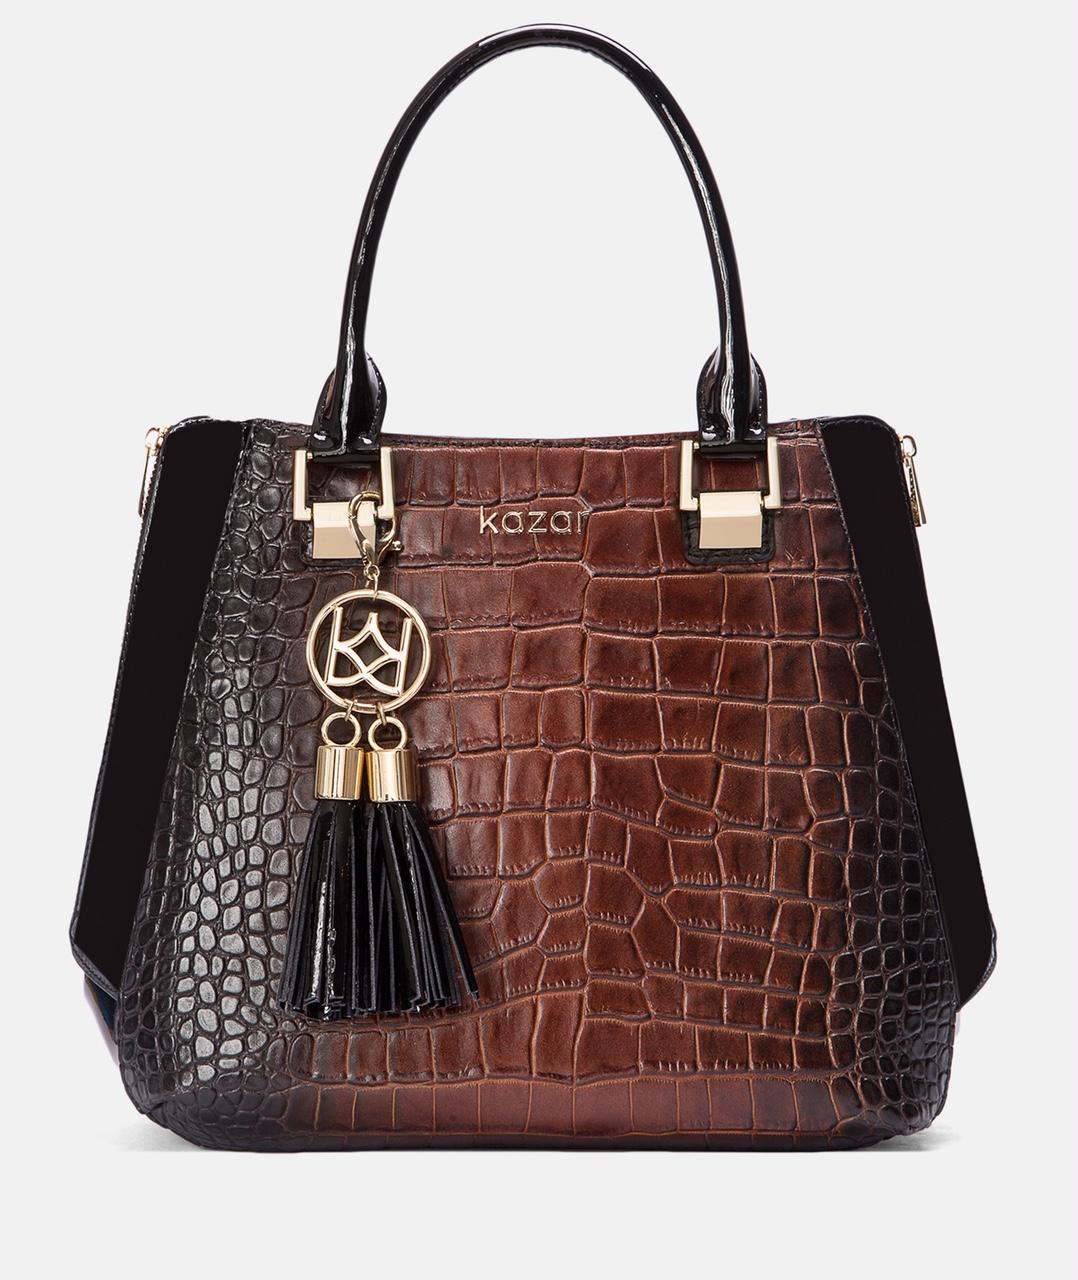 6. kép: Ne feledkezzünk meg a táskákról sem. Az évszak színe a sötétbarna, amit a színátmenet alkalmazása tesz igazán különlegessé Marietta fekete-barna kézitáska 82.990 forint